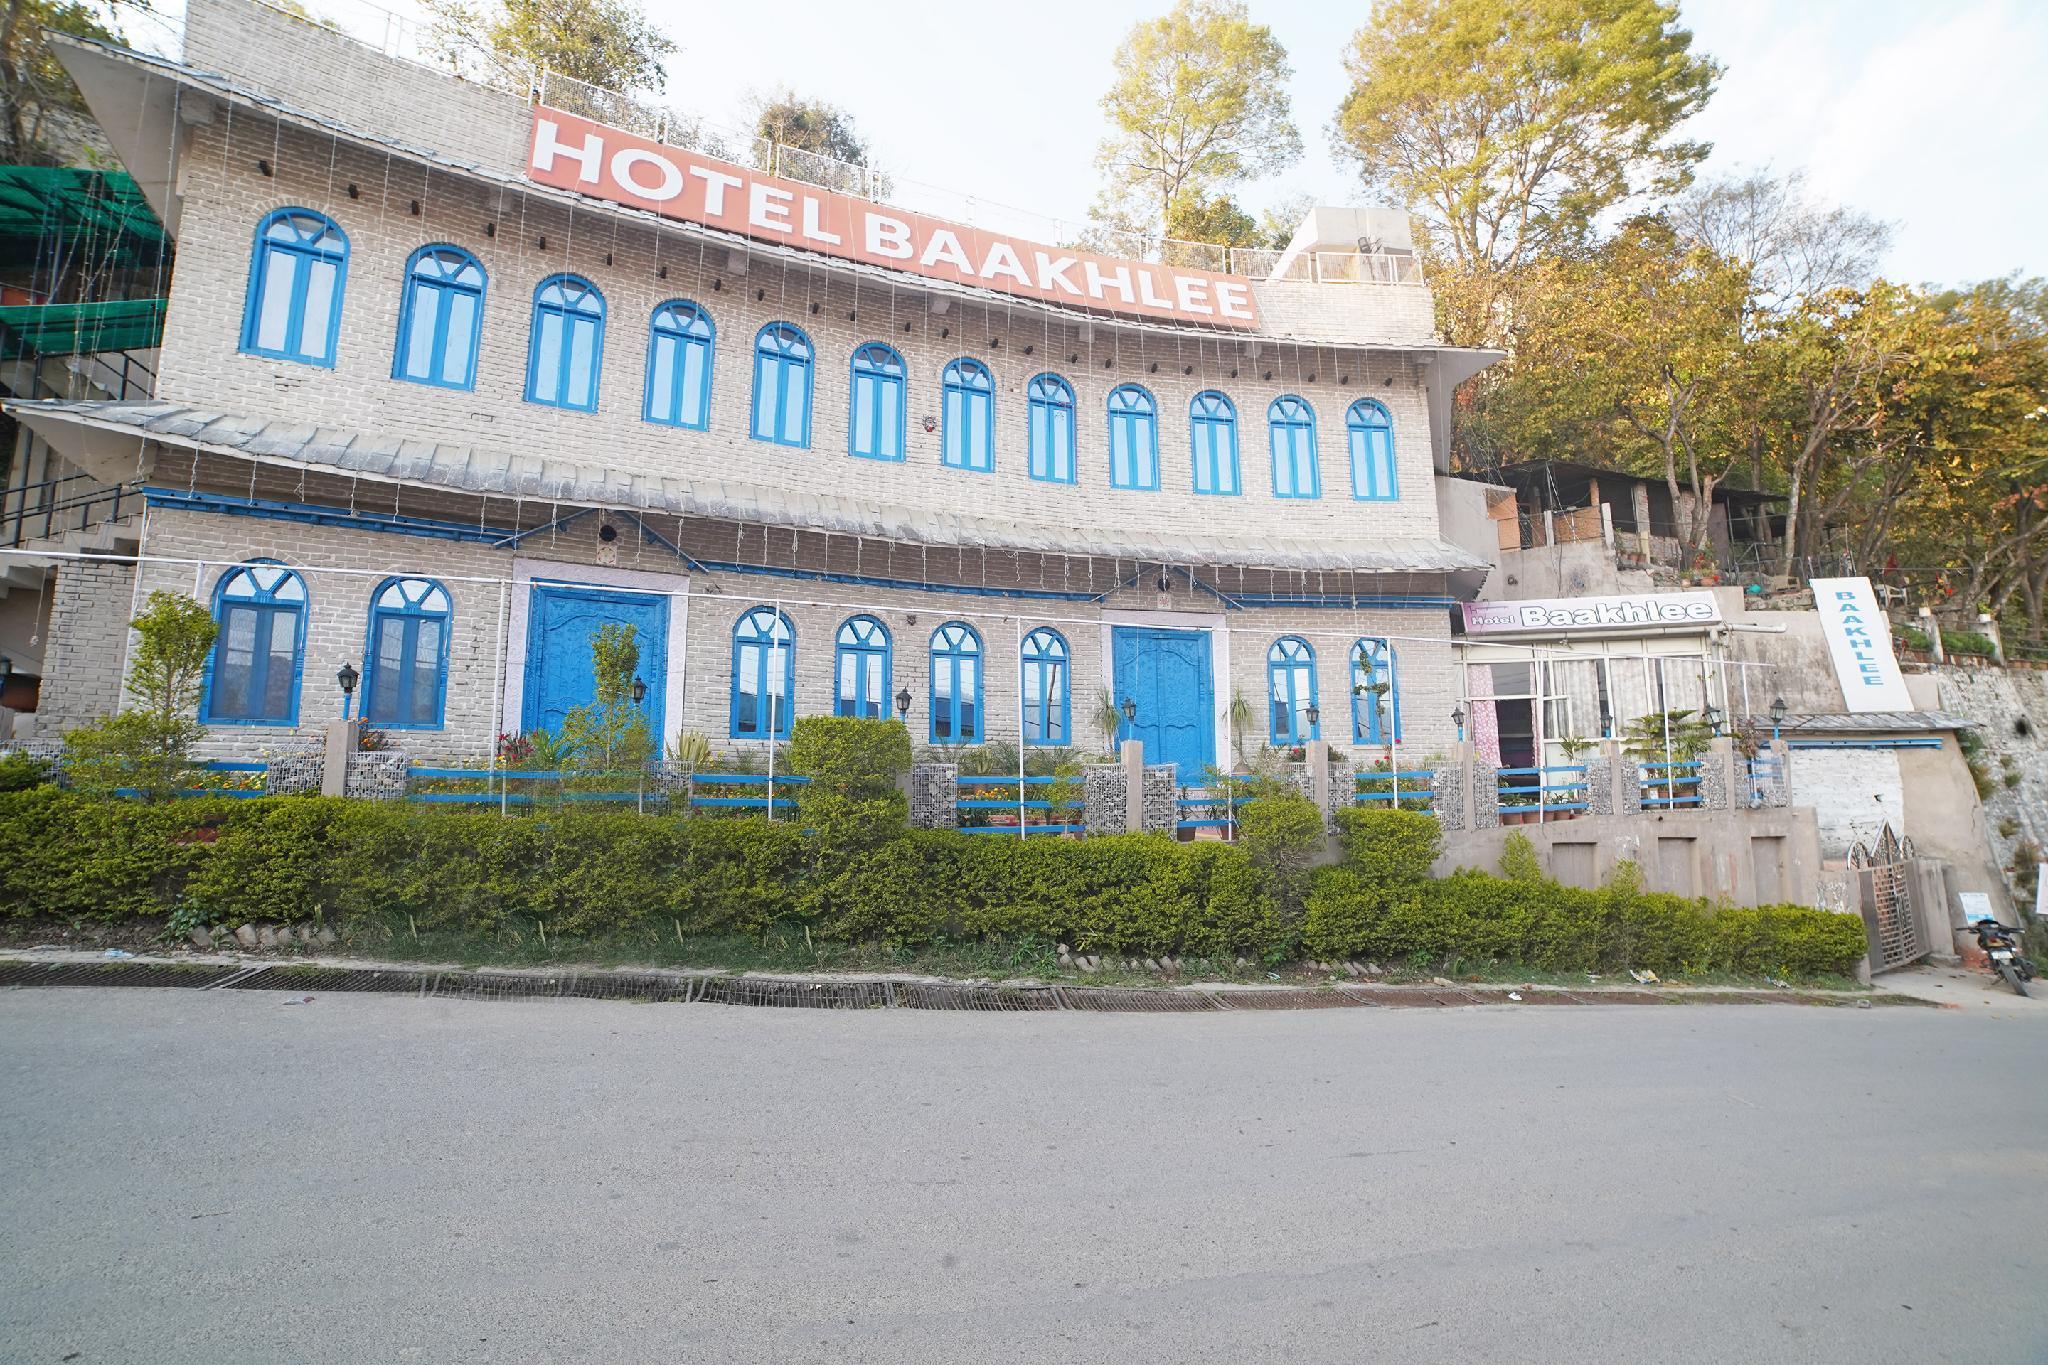 OYO 37285 Baakhlee Hotel